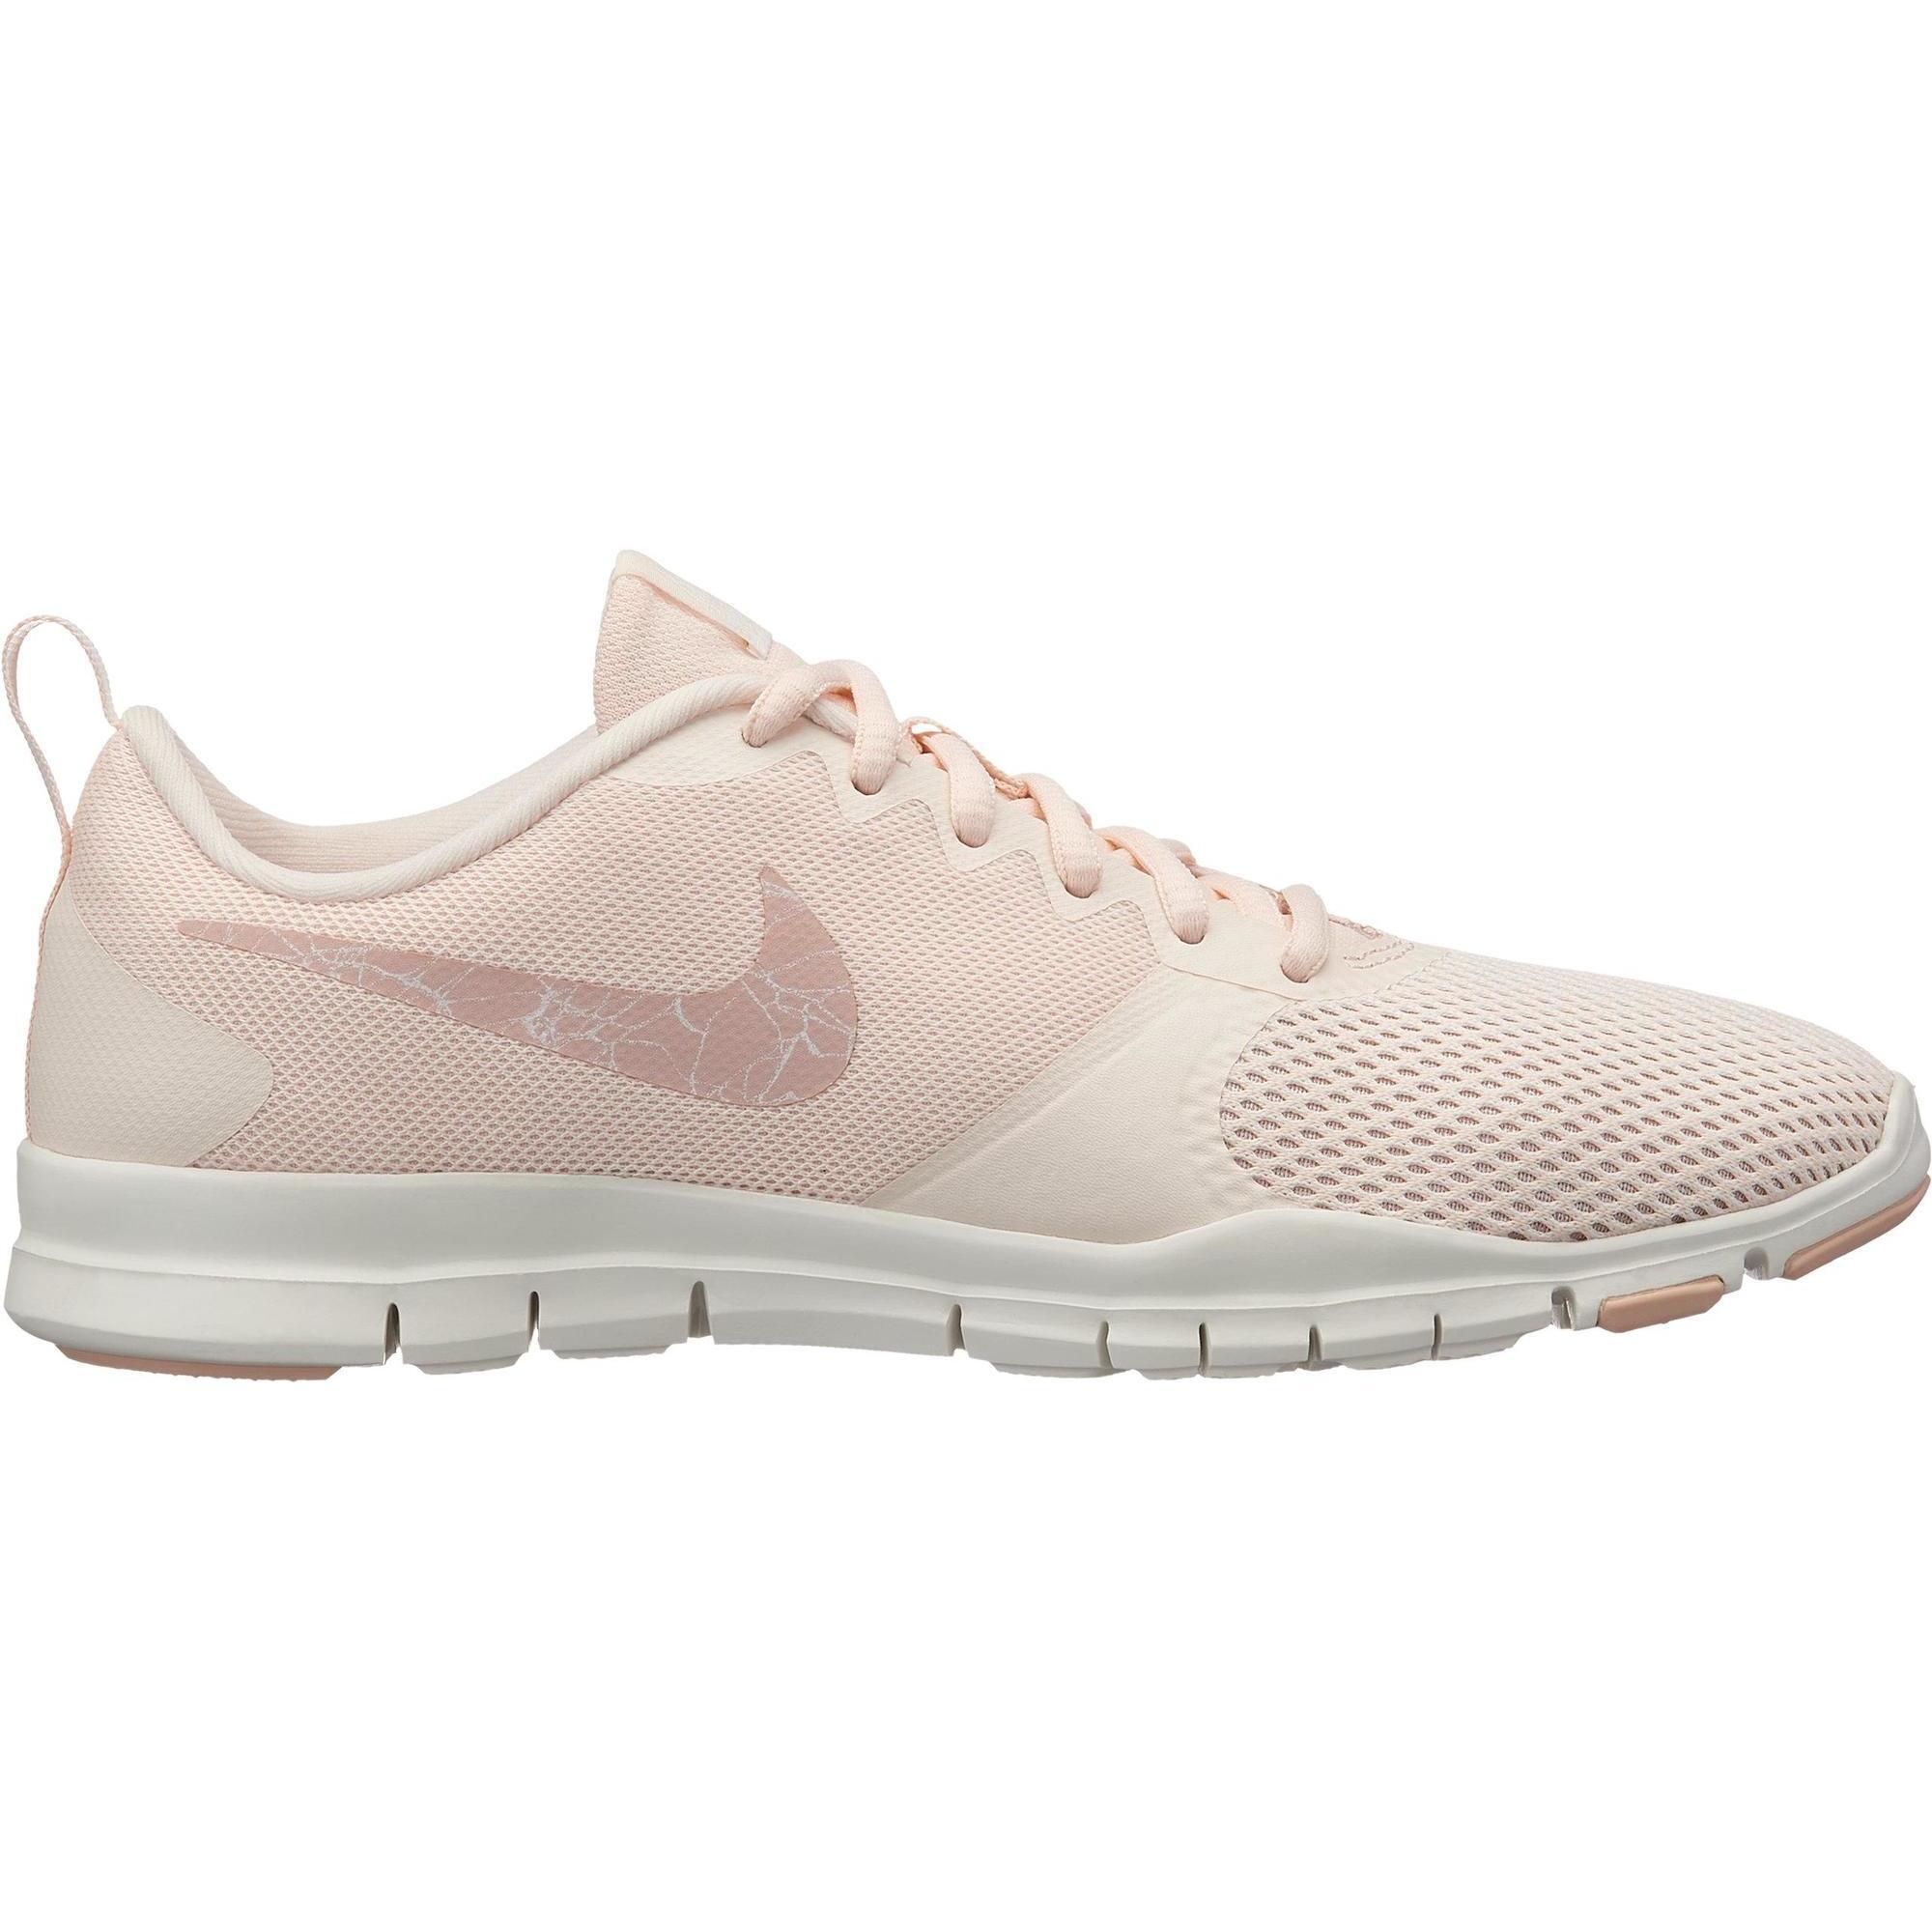 2617335 Nike Cardiofitness schoenen Nike Flex Essential voor dames roze ivoorwit